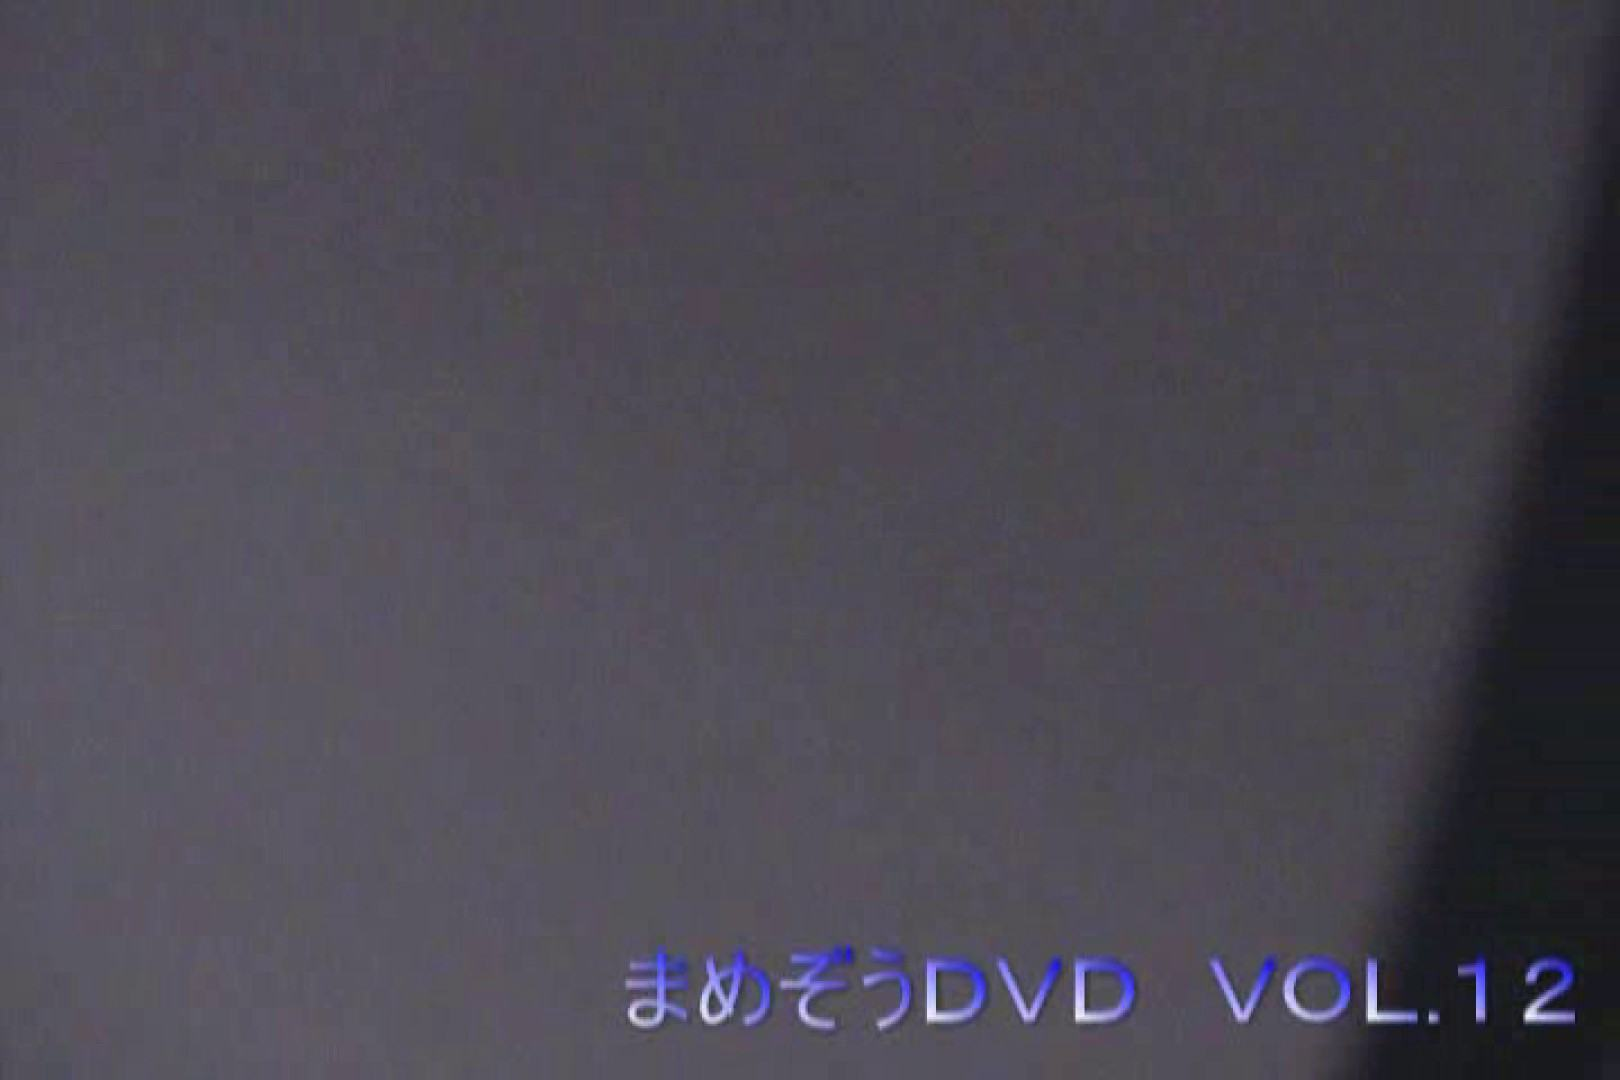 まめぞうDVD完全版VOL.12 ギャル | エッチすぎるOL達  55連発 33